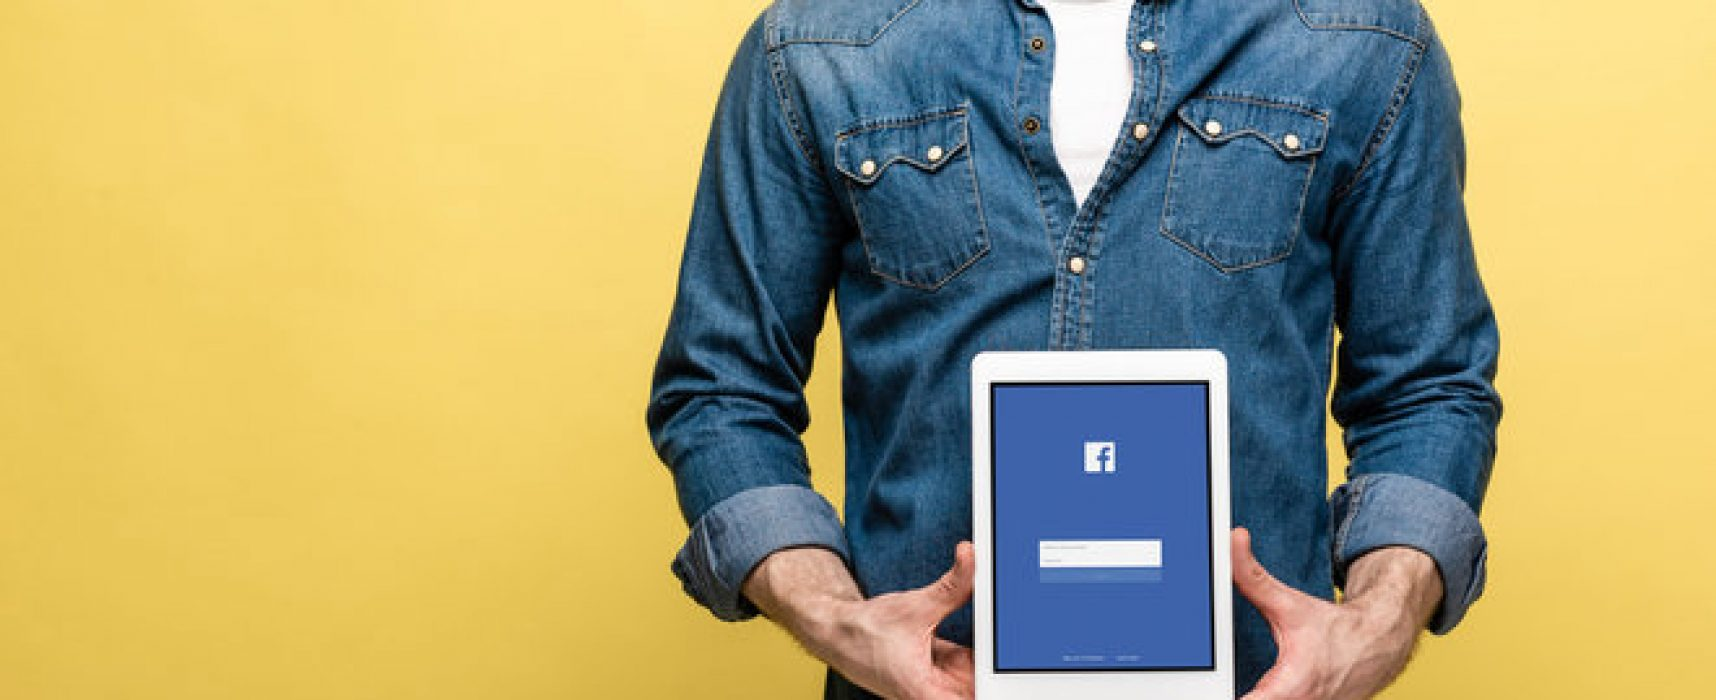 Facebook видалятиме конспірологічні пости про коронавірус